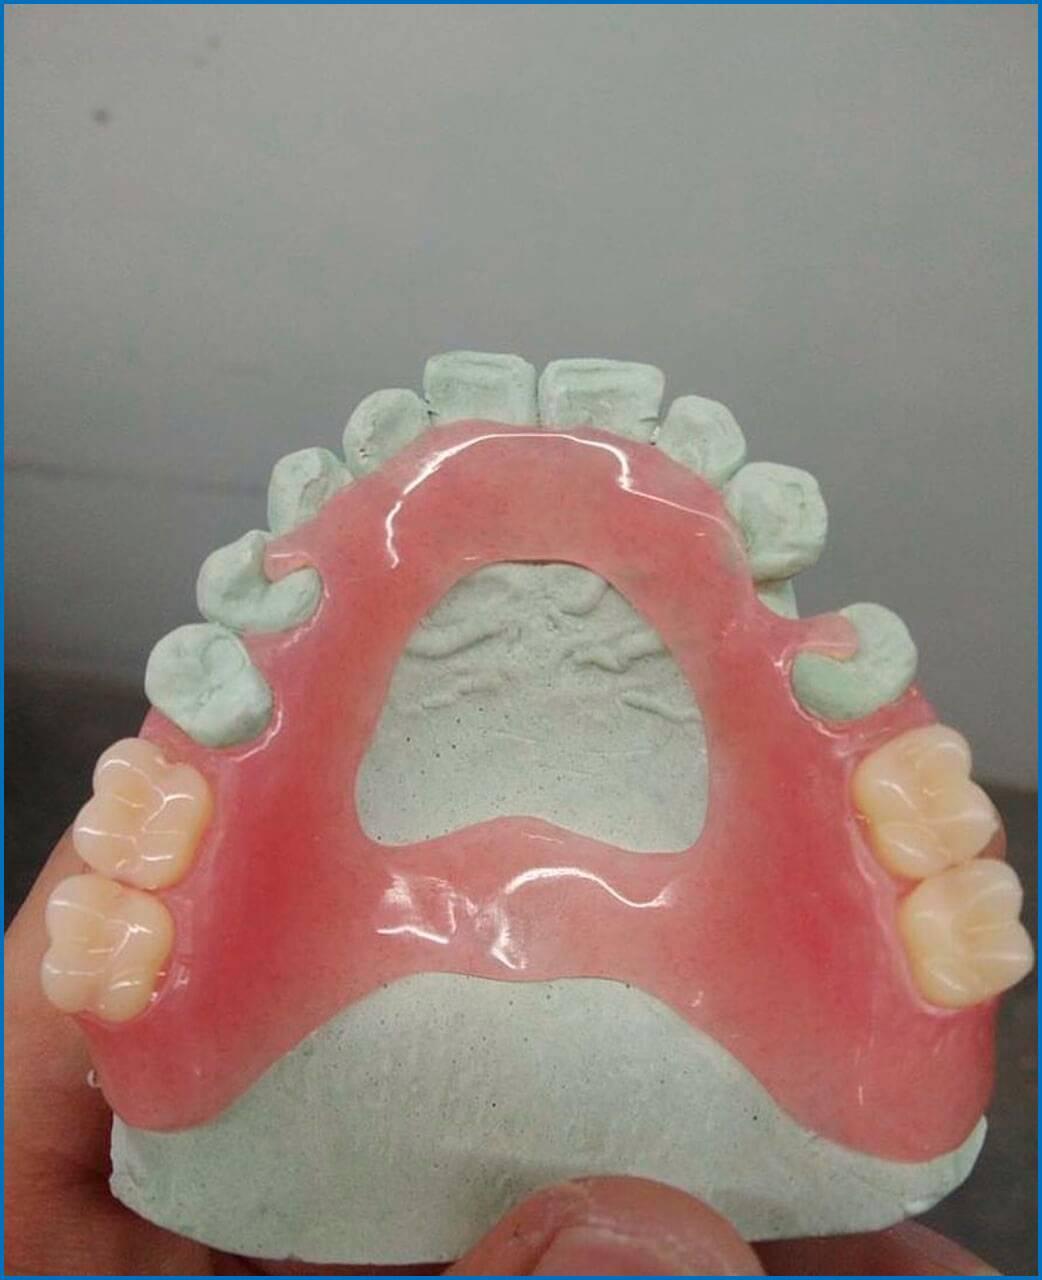 Ацеталовые зубные протезы: их особенности и отзывы пациентов